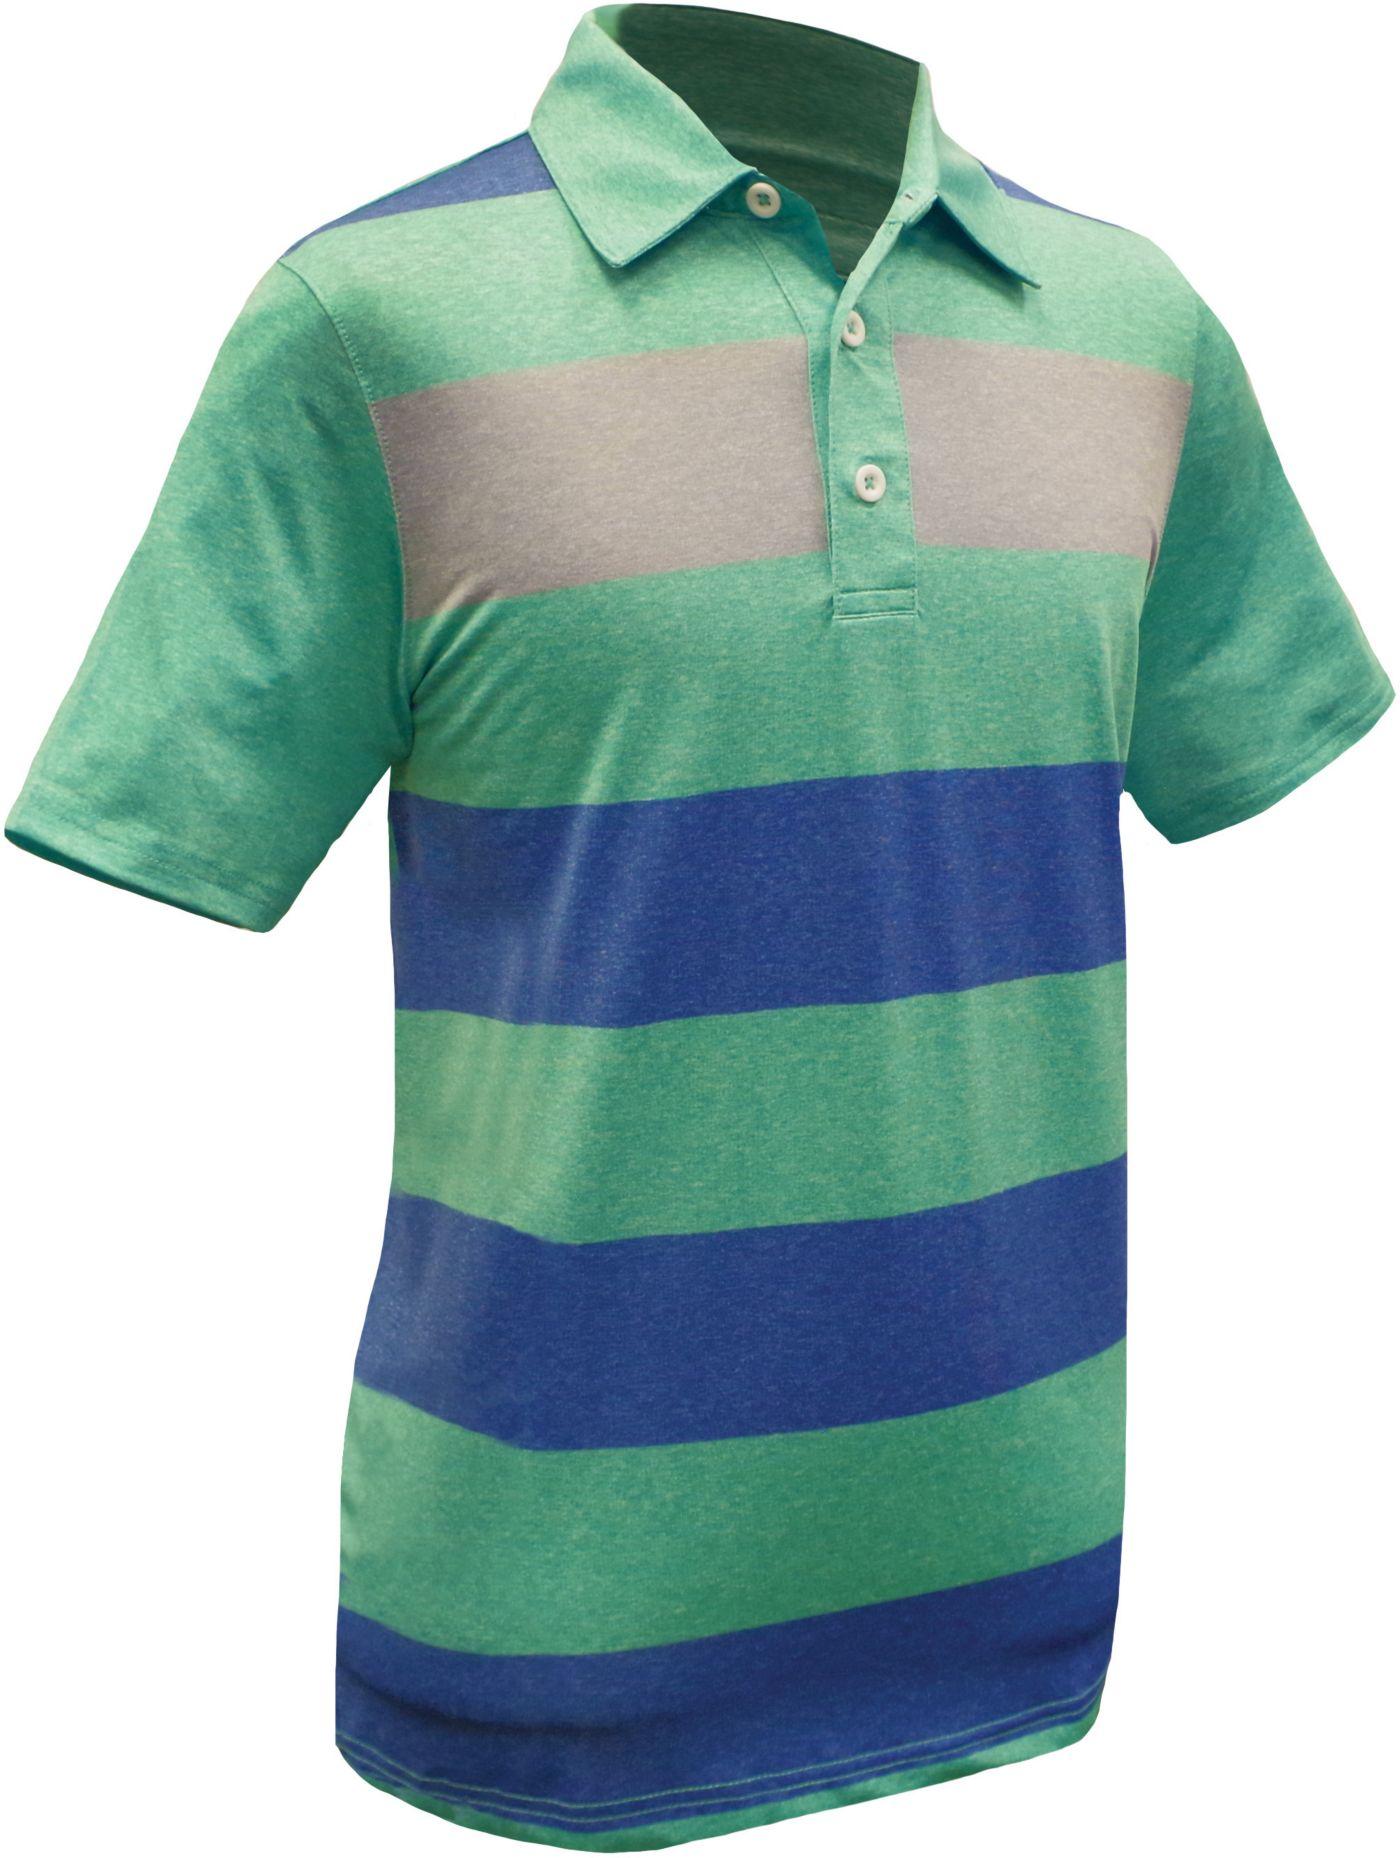 Garb Boys' Jasper Golf Polo